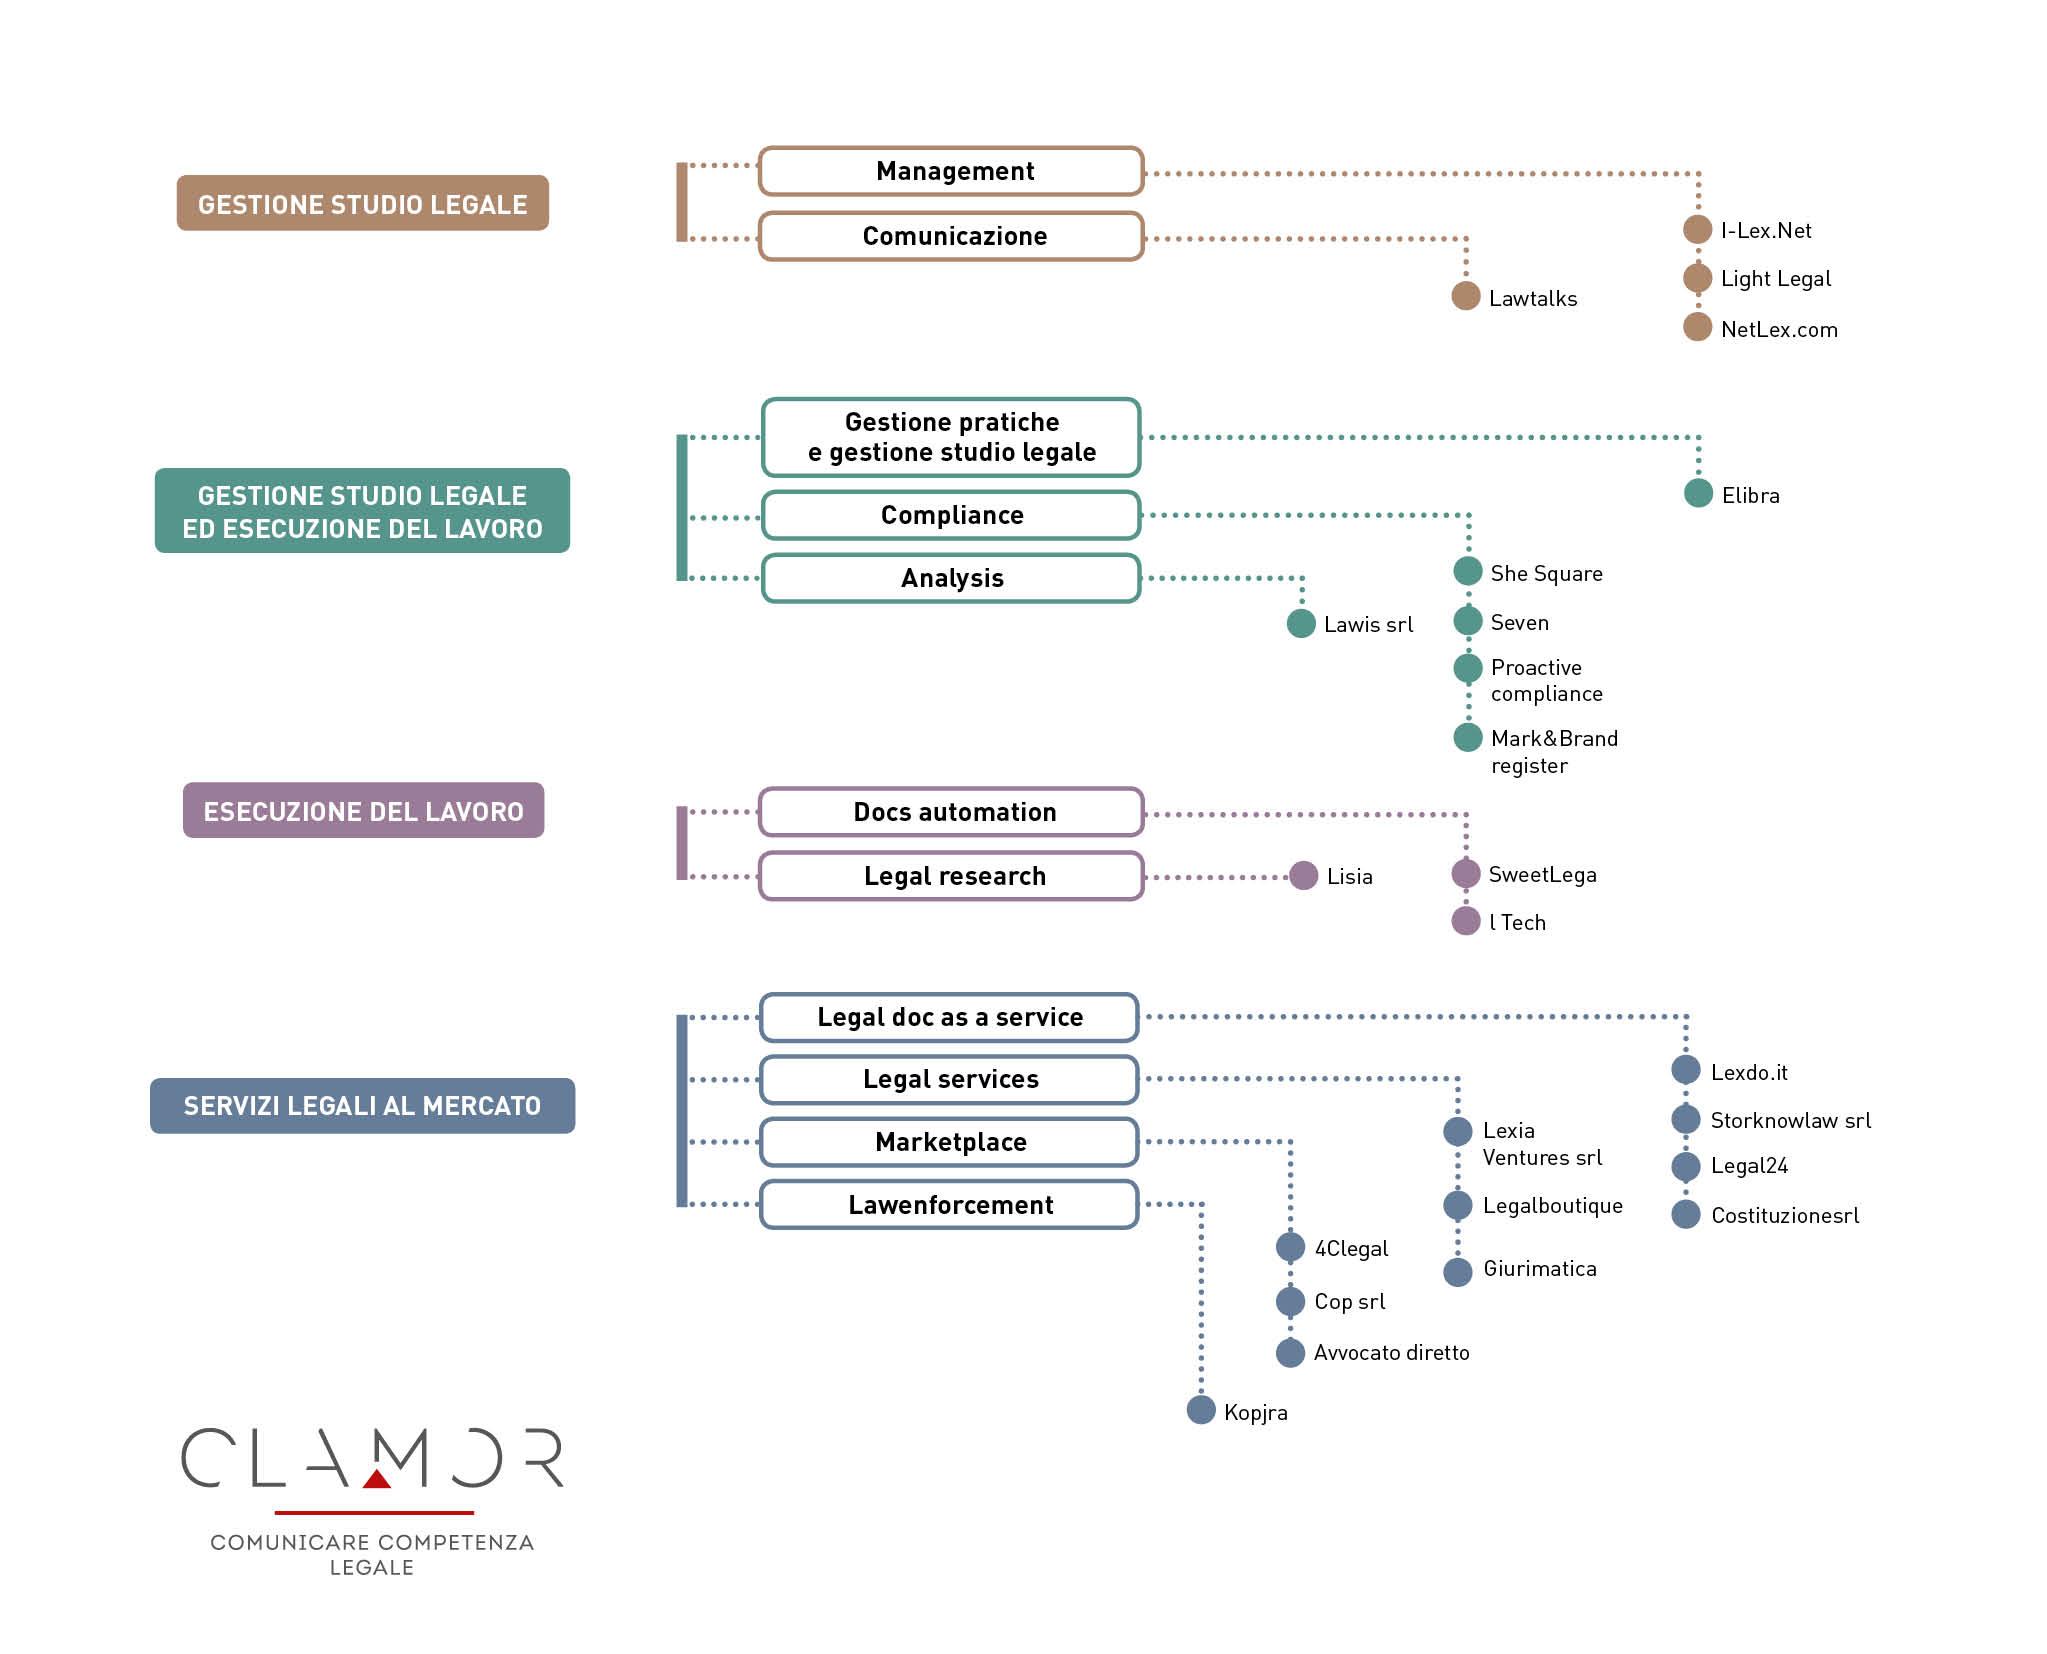 Una mappa che riporta i nomi delle llegalTech italiane